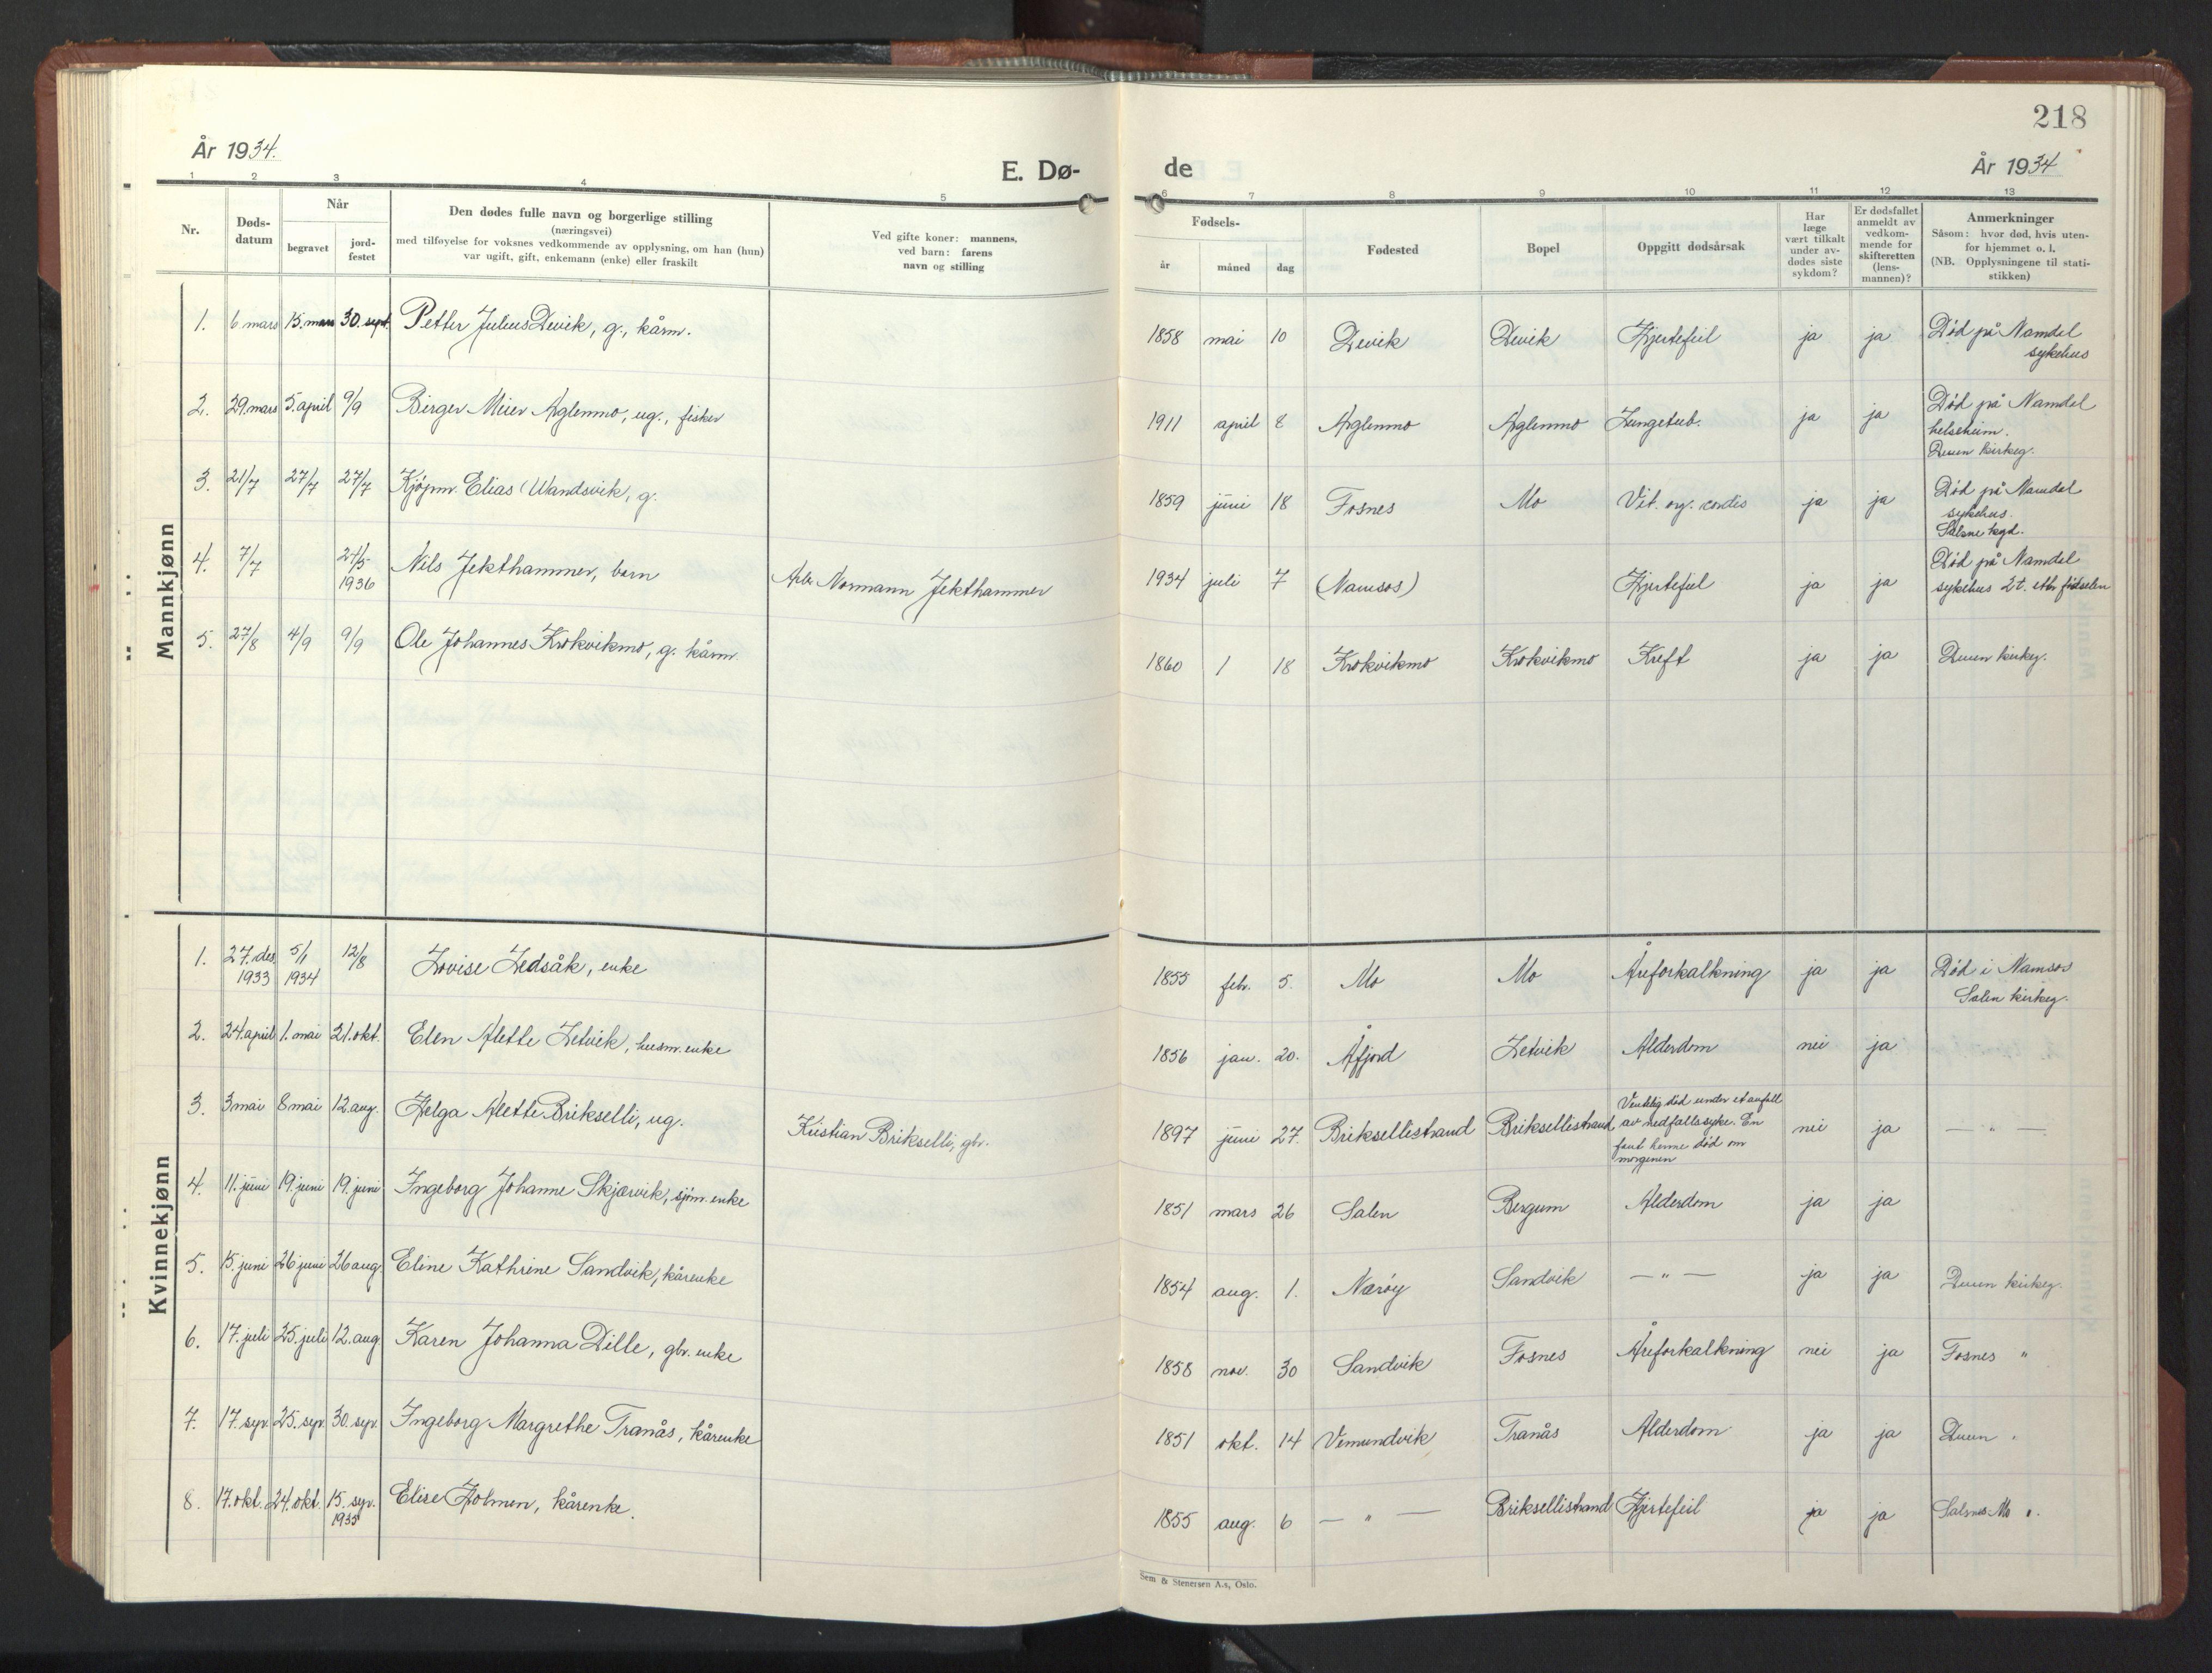 SAT, Ministerialprotokoller, klokkerbøker og fødselsregistre - Nord-Trøndelag, 773/L0625: Klokkerbok nr. 773C01, 1910-1952, s. 218